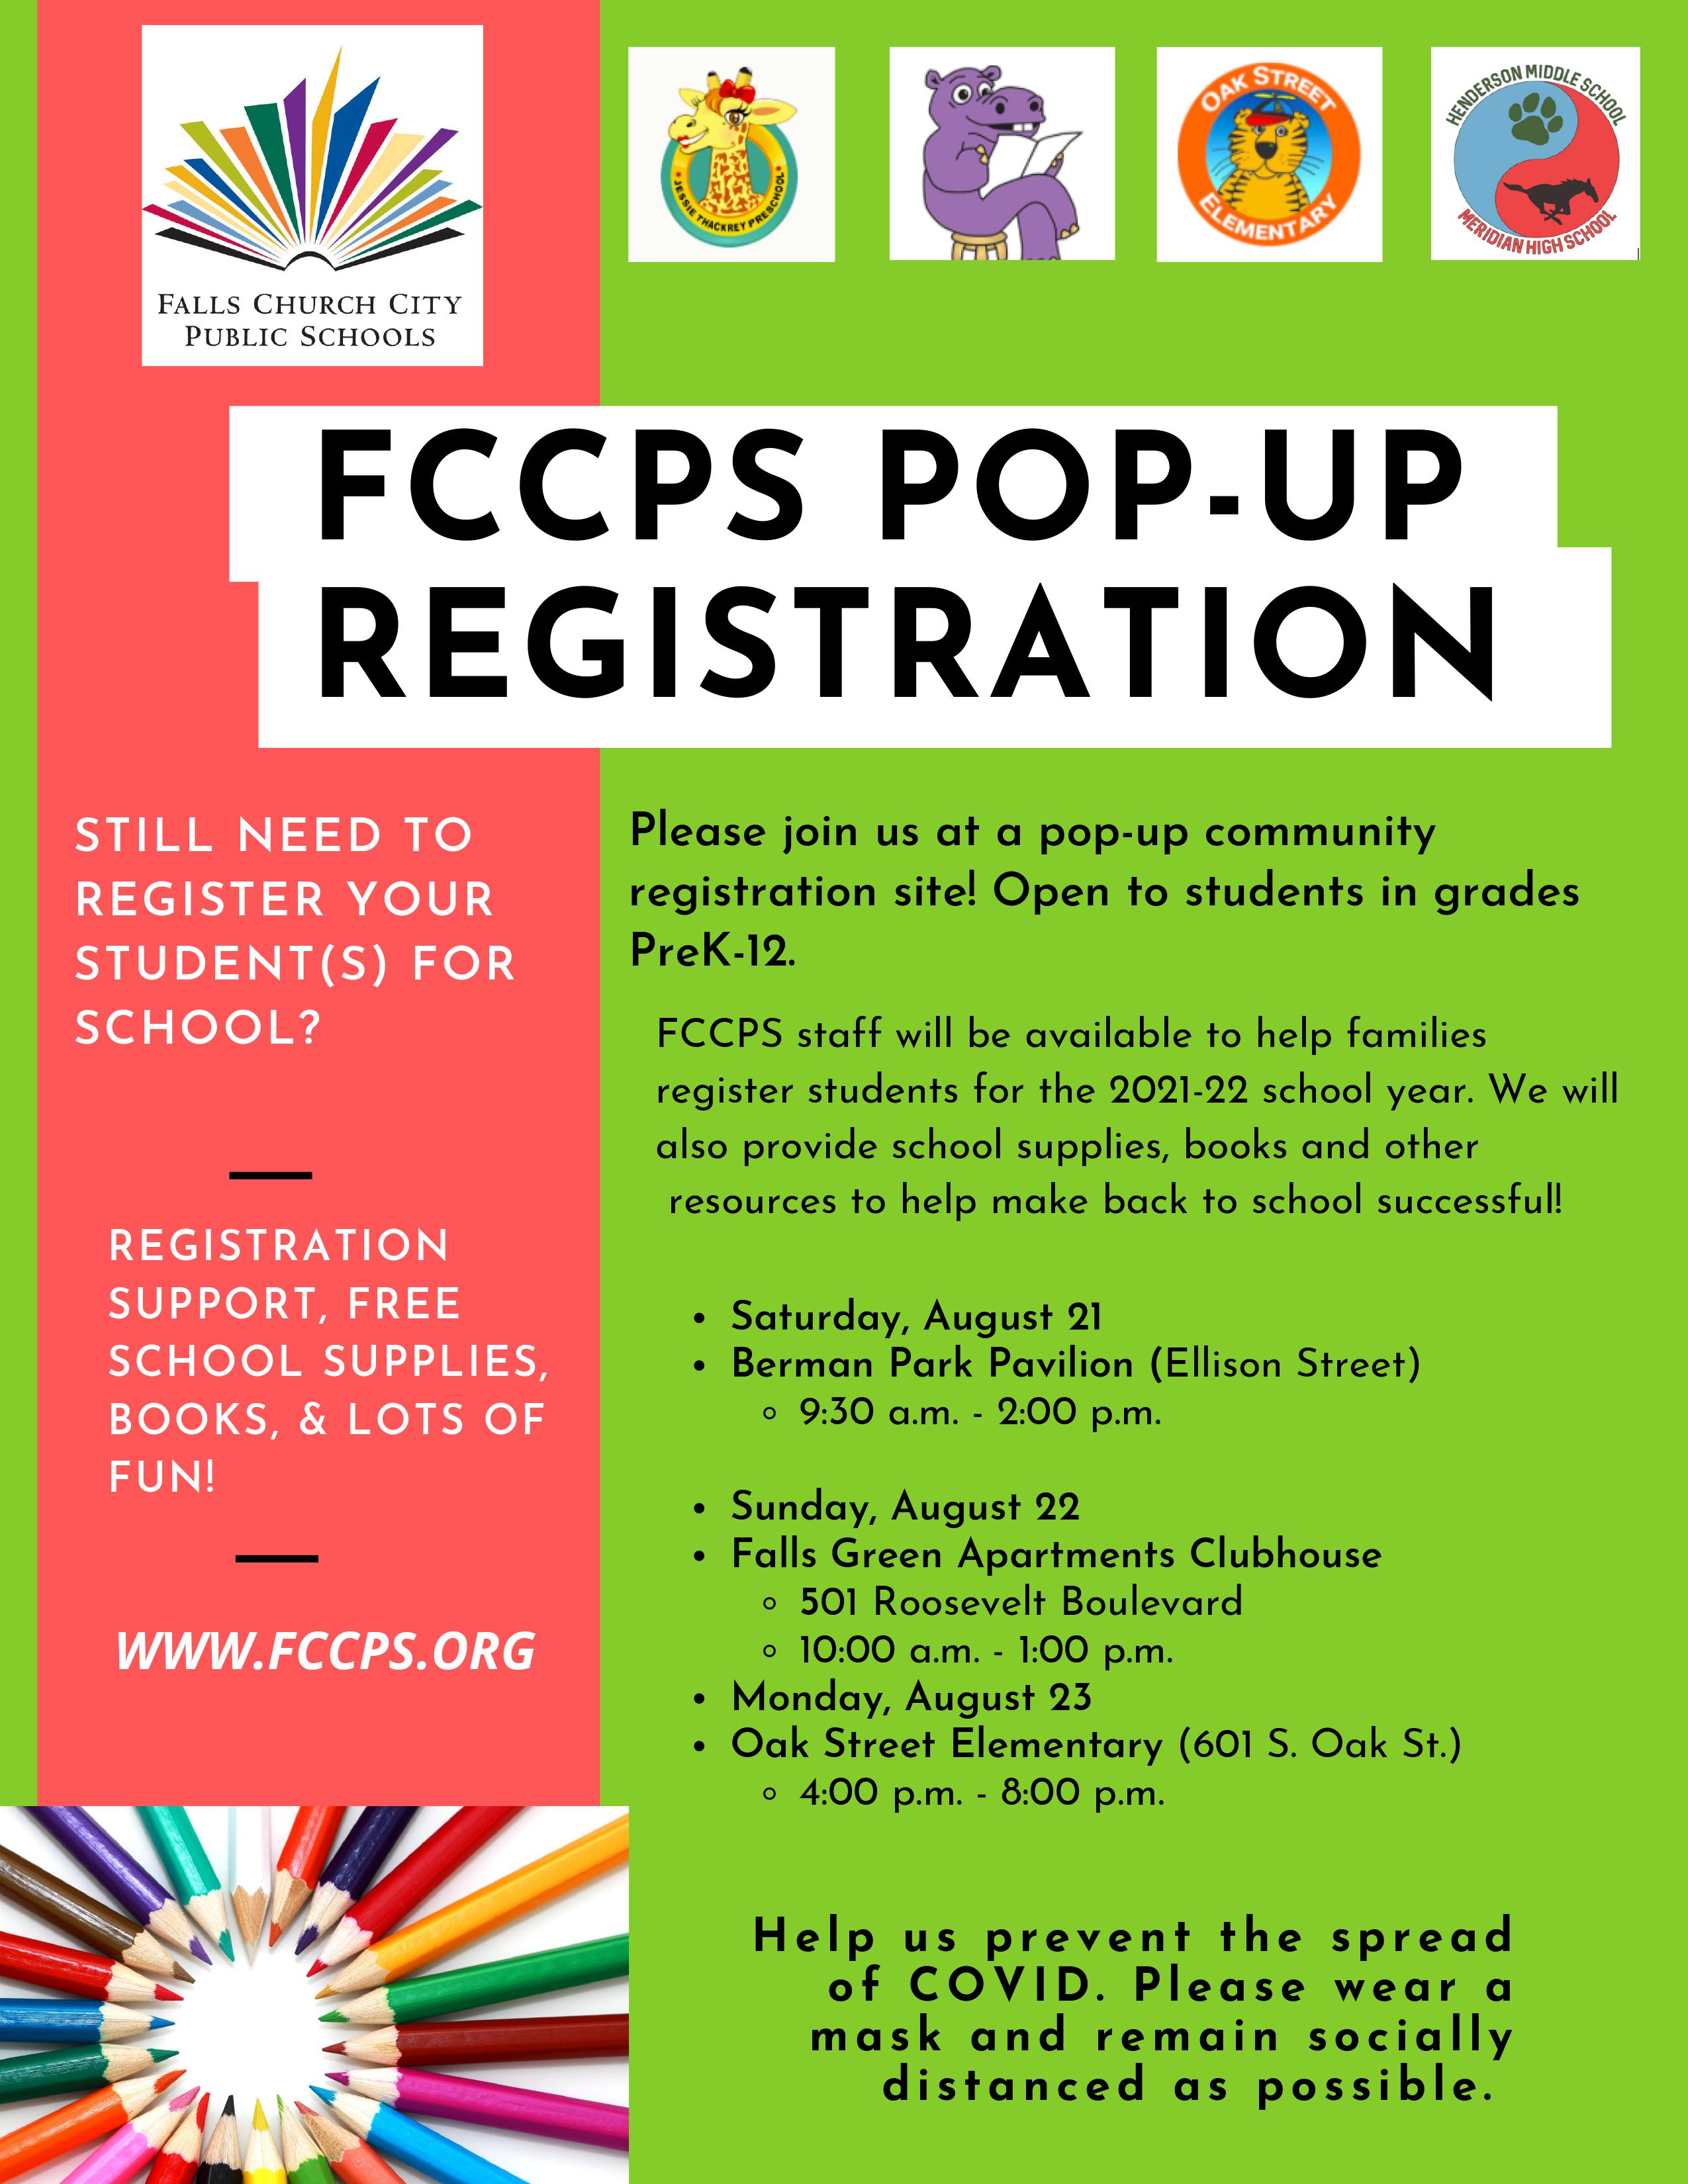 FCCPS Pop-Up Registration